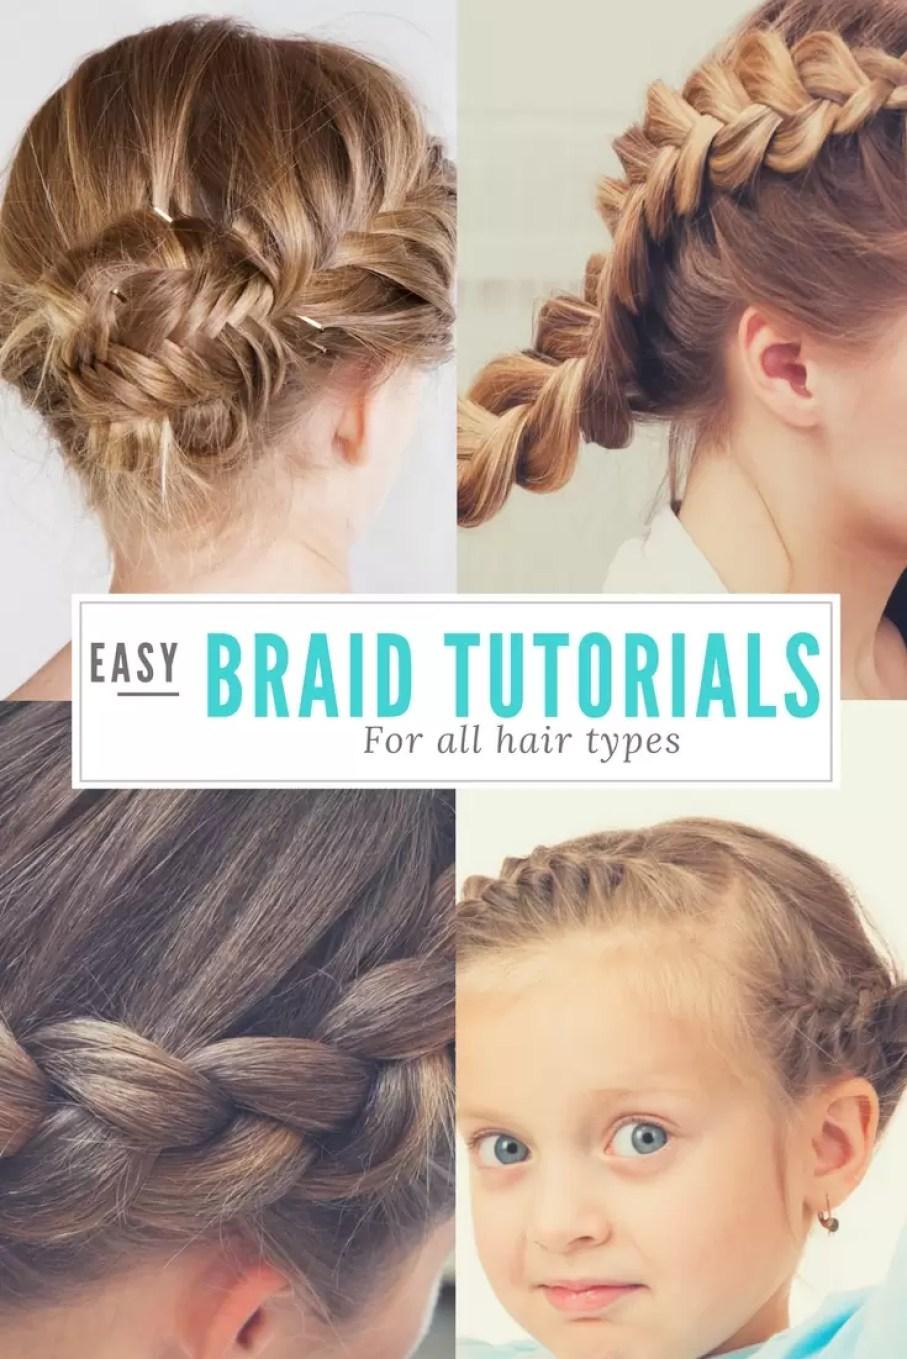 Braid Tutorials for little girls